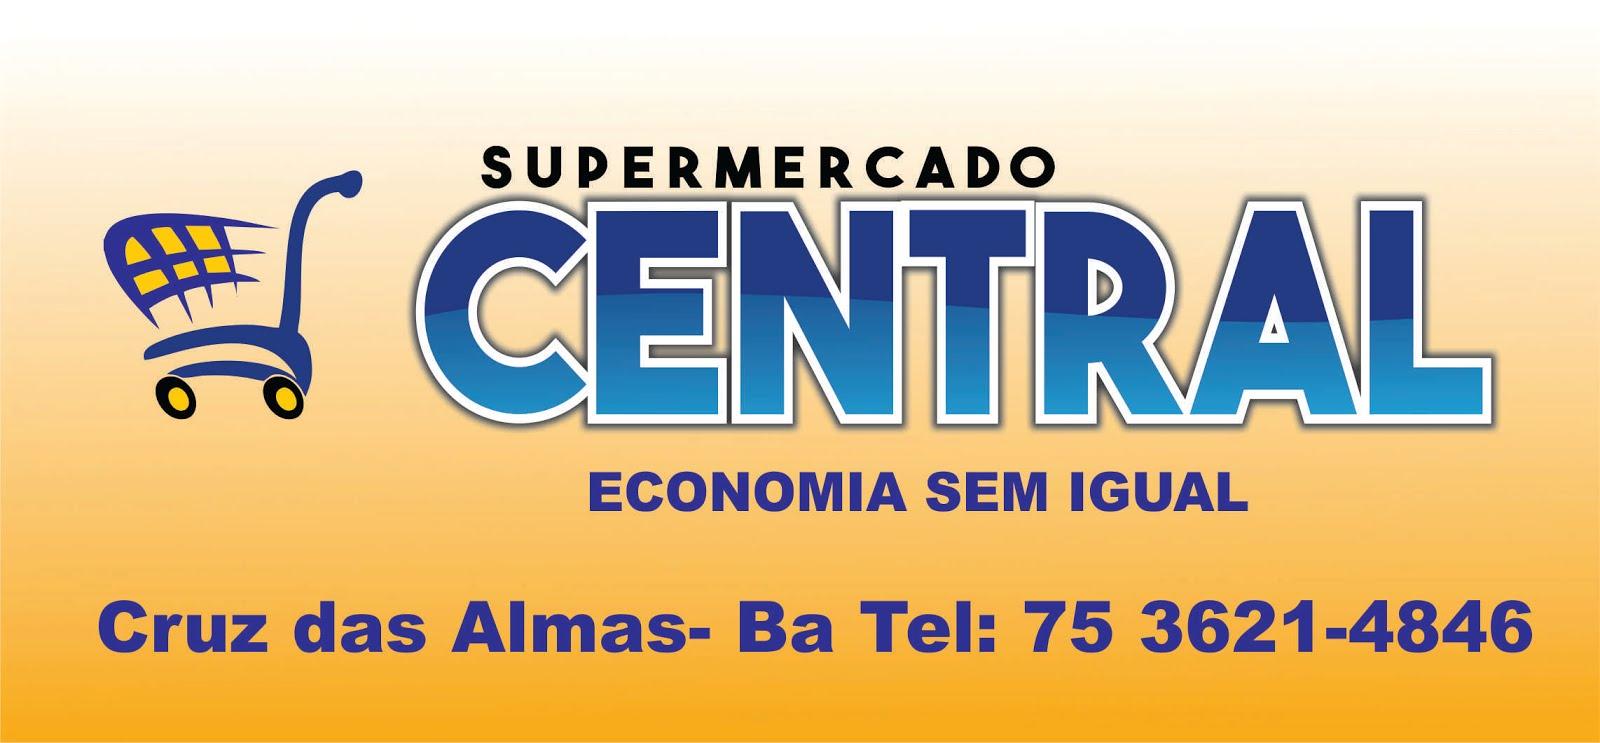 Supermercado Central